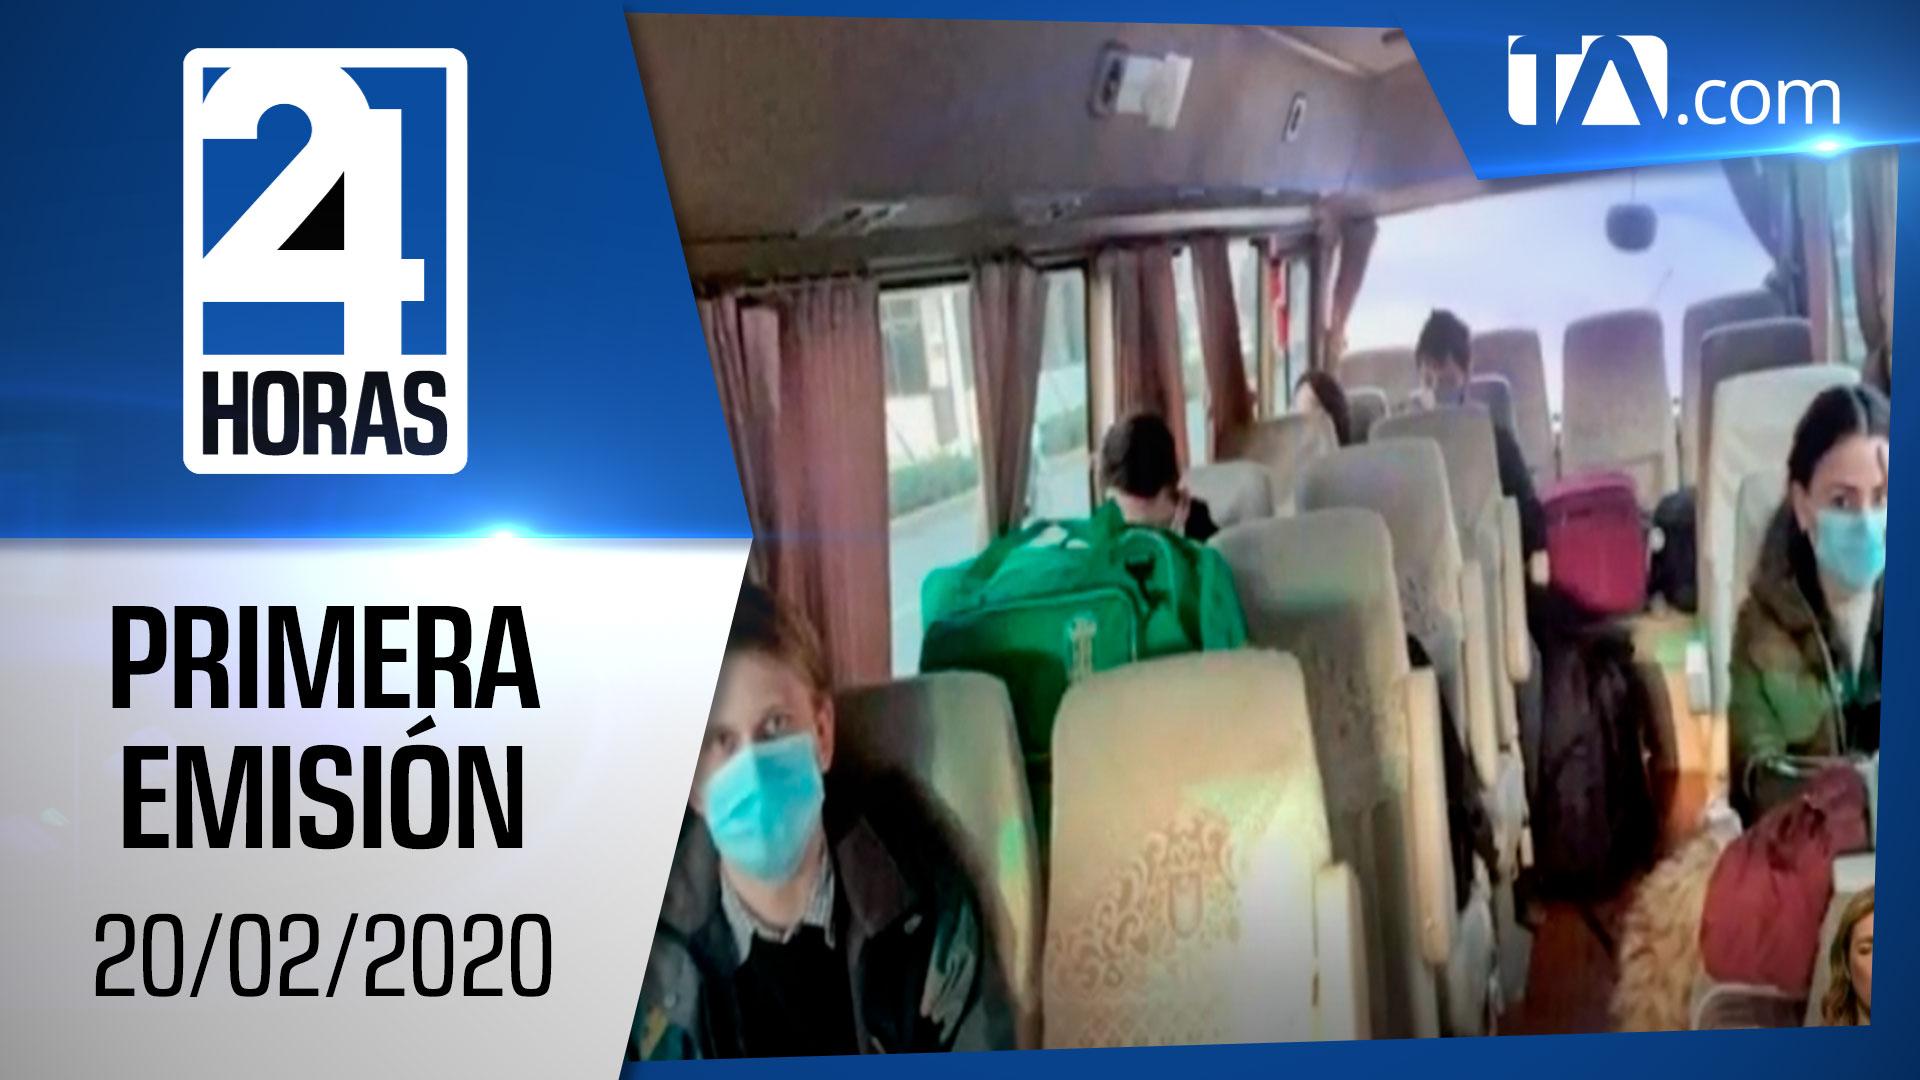 Noticias Ecuador: Noticiero 24 Horas 20/02/2020 ( Primera Emisión)